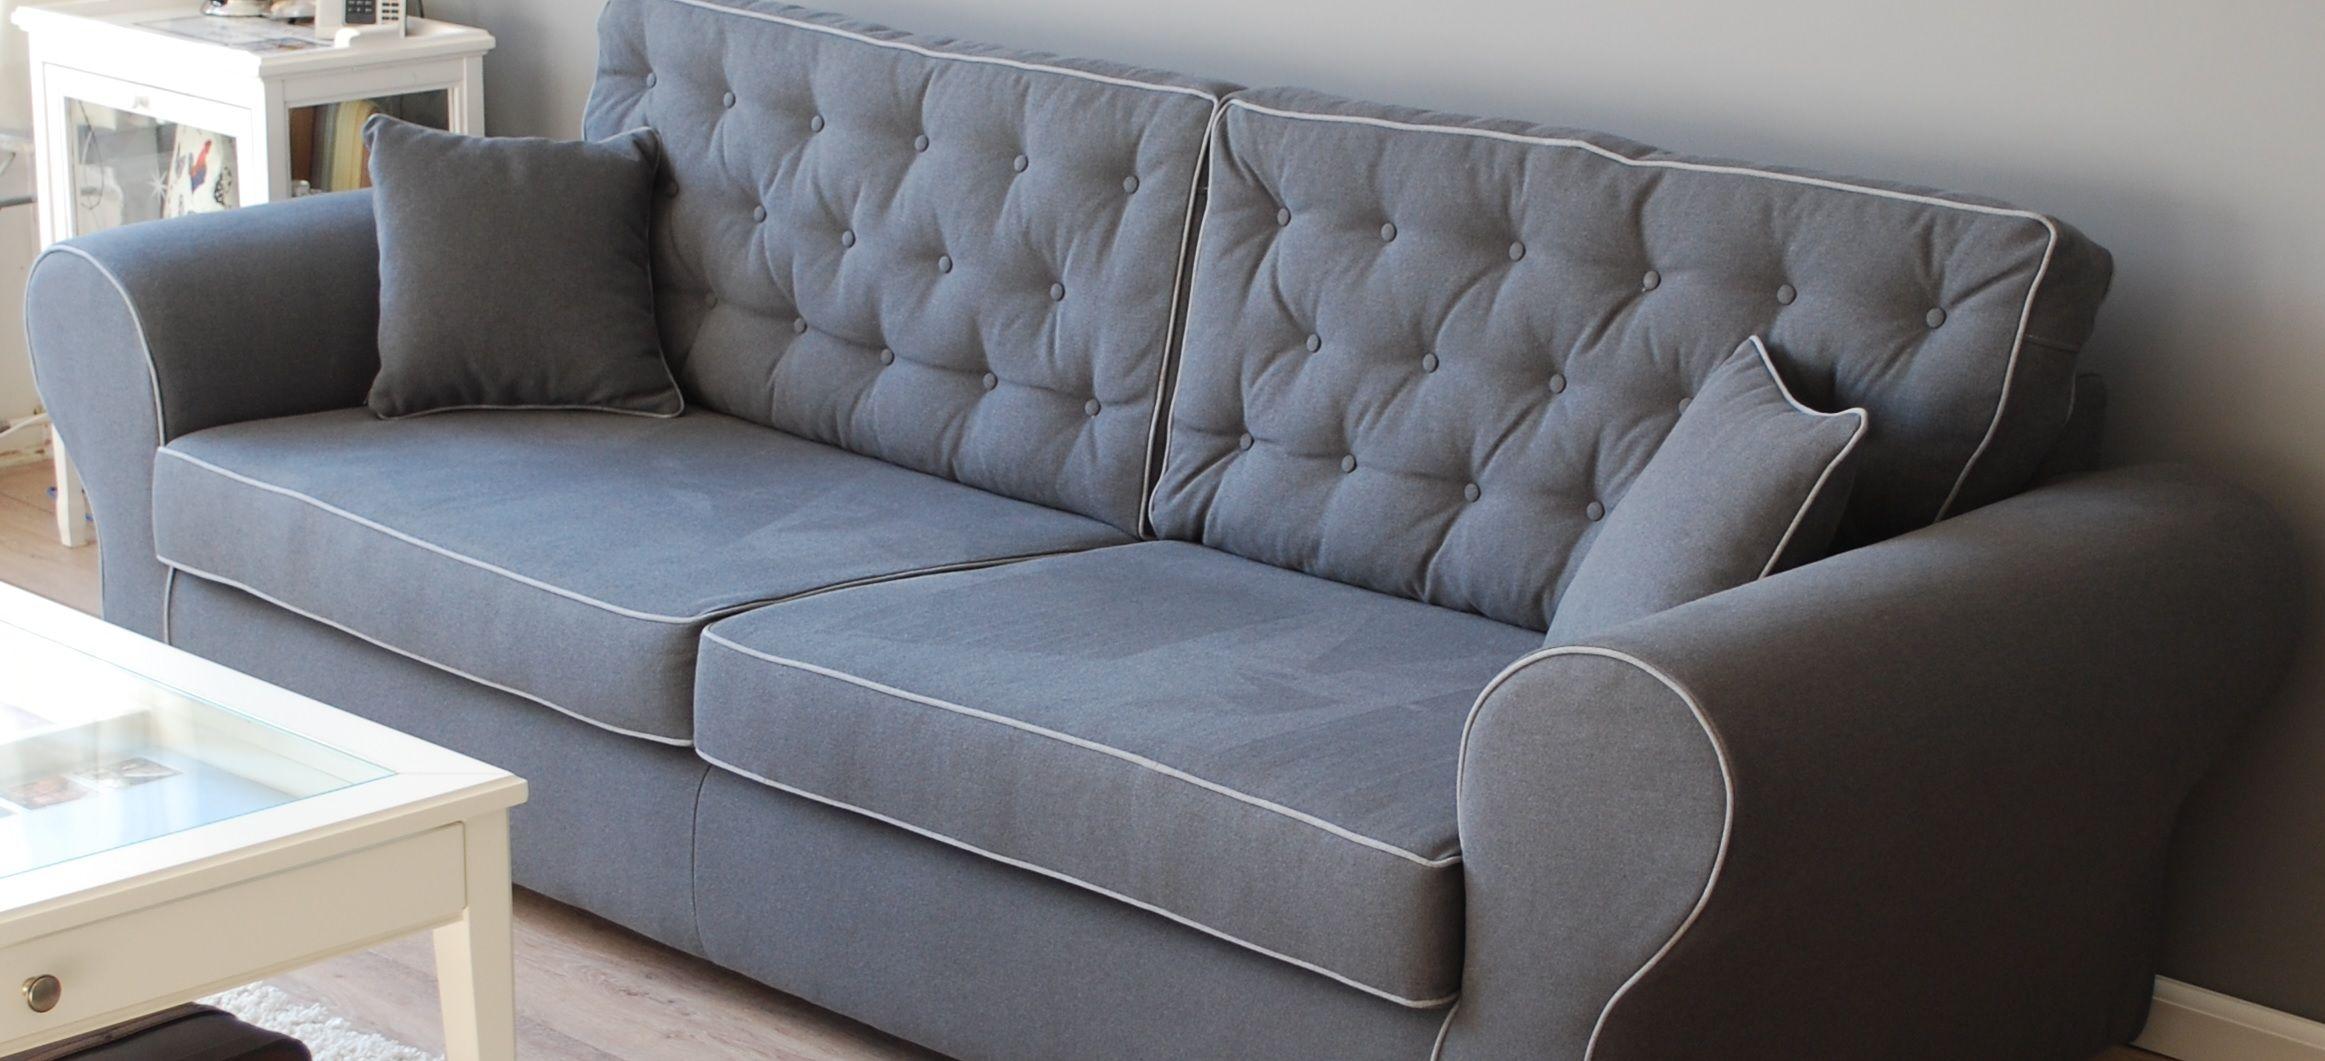 barbara test 21 landelijk bankstel sofa pinterest banks. Black Bedroom Furniture Sets. Home Design Ideas